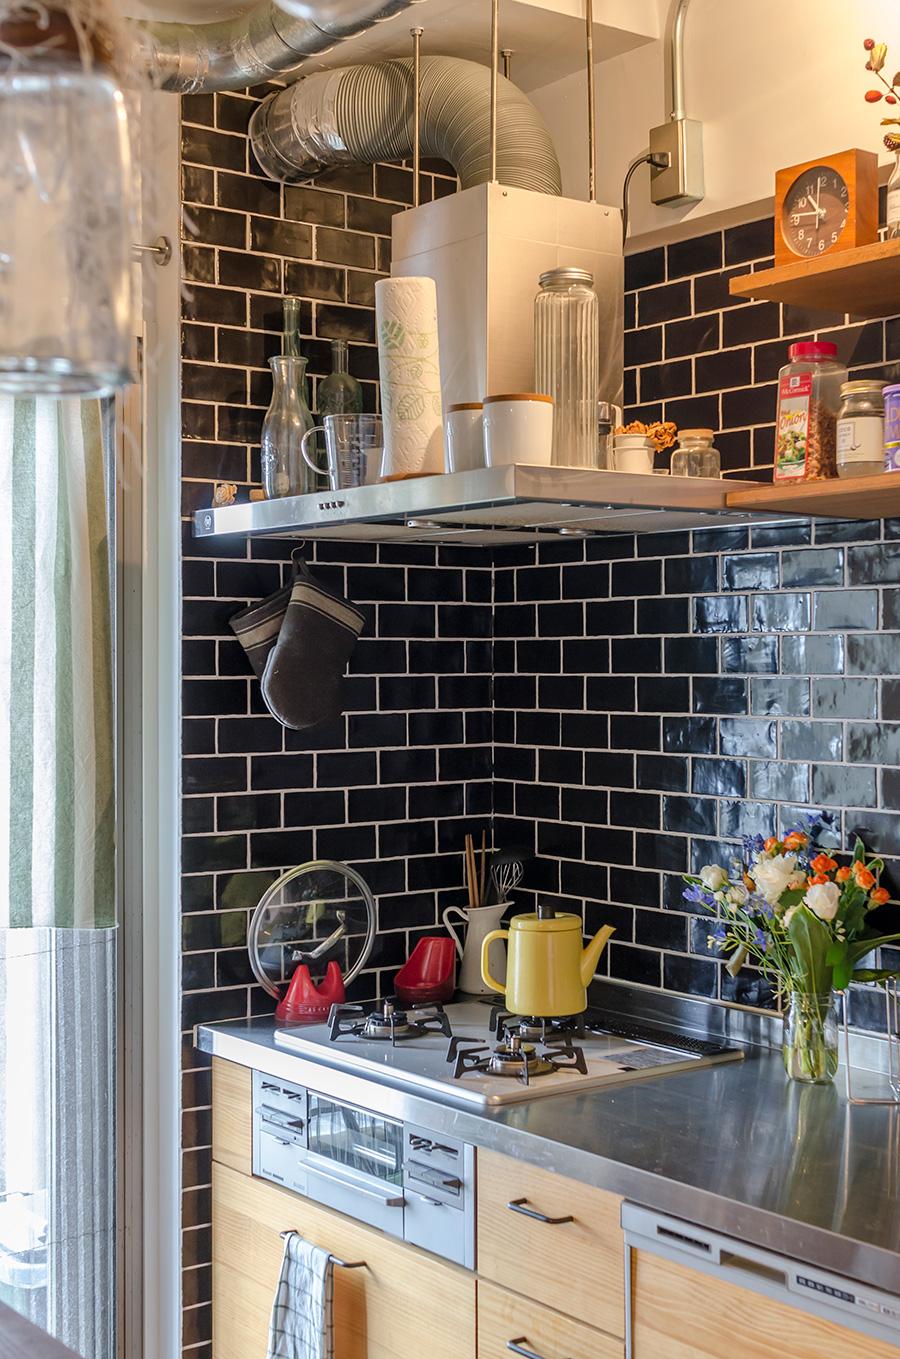 キッチンの壁面は黒のセラミックタイルでシックな印象に。